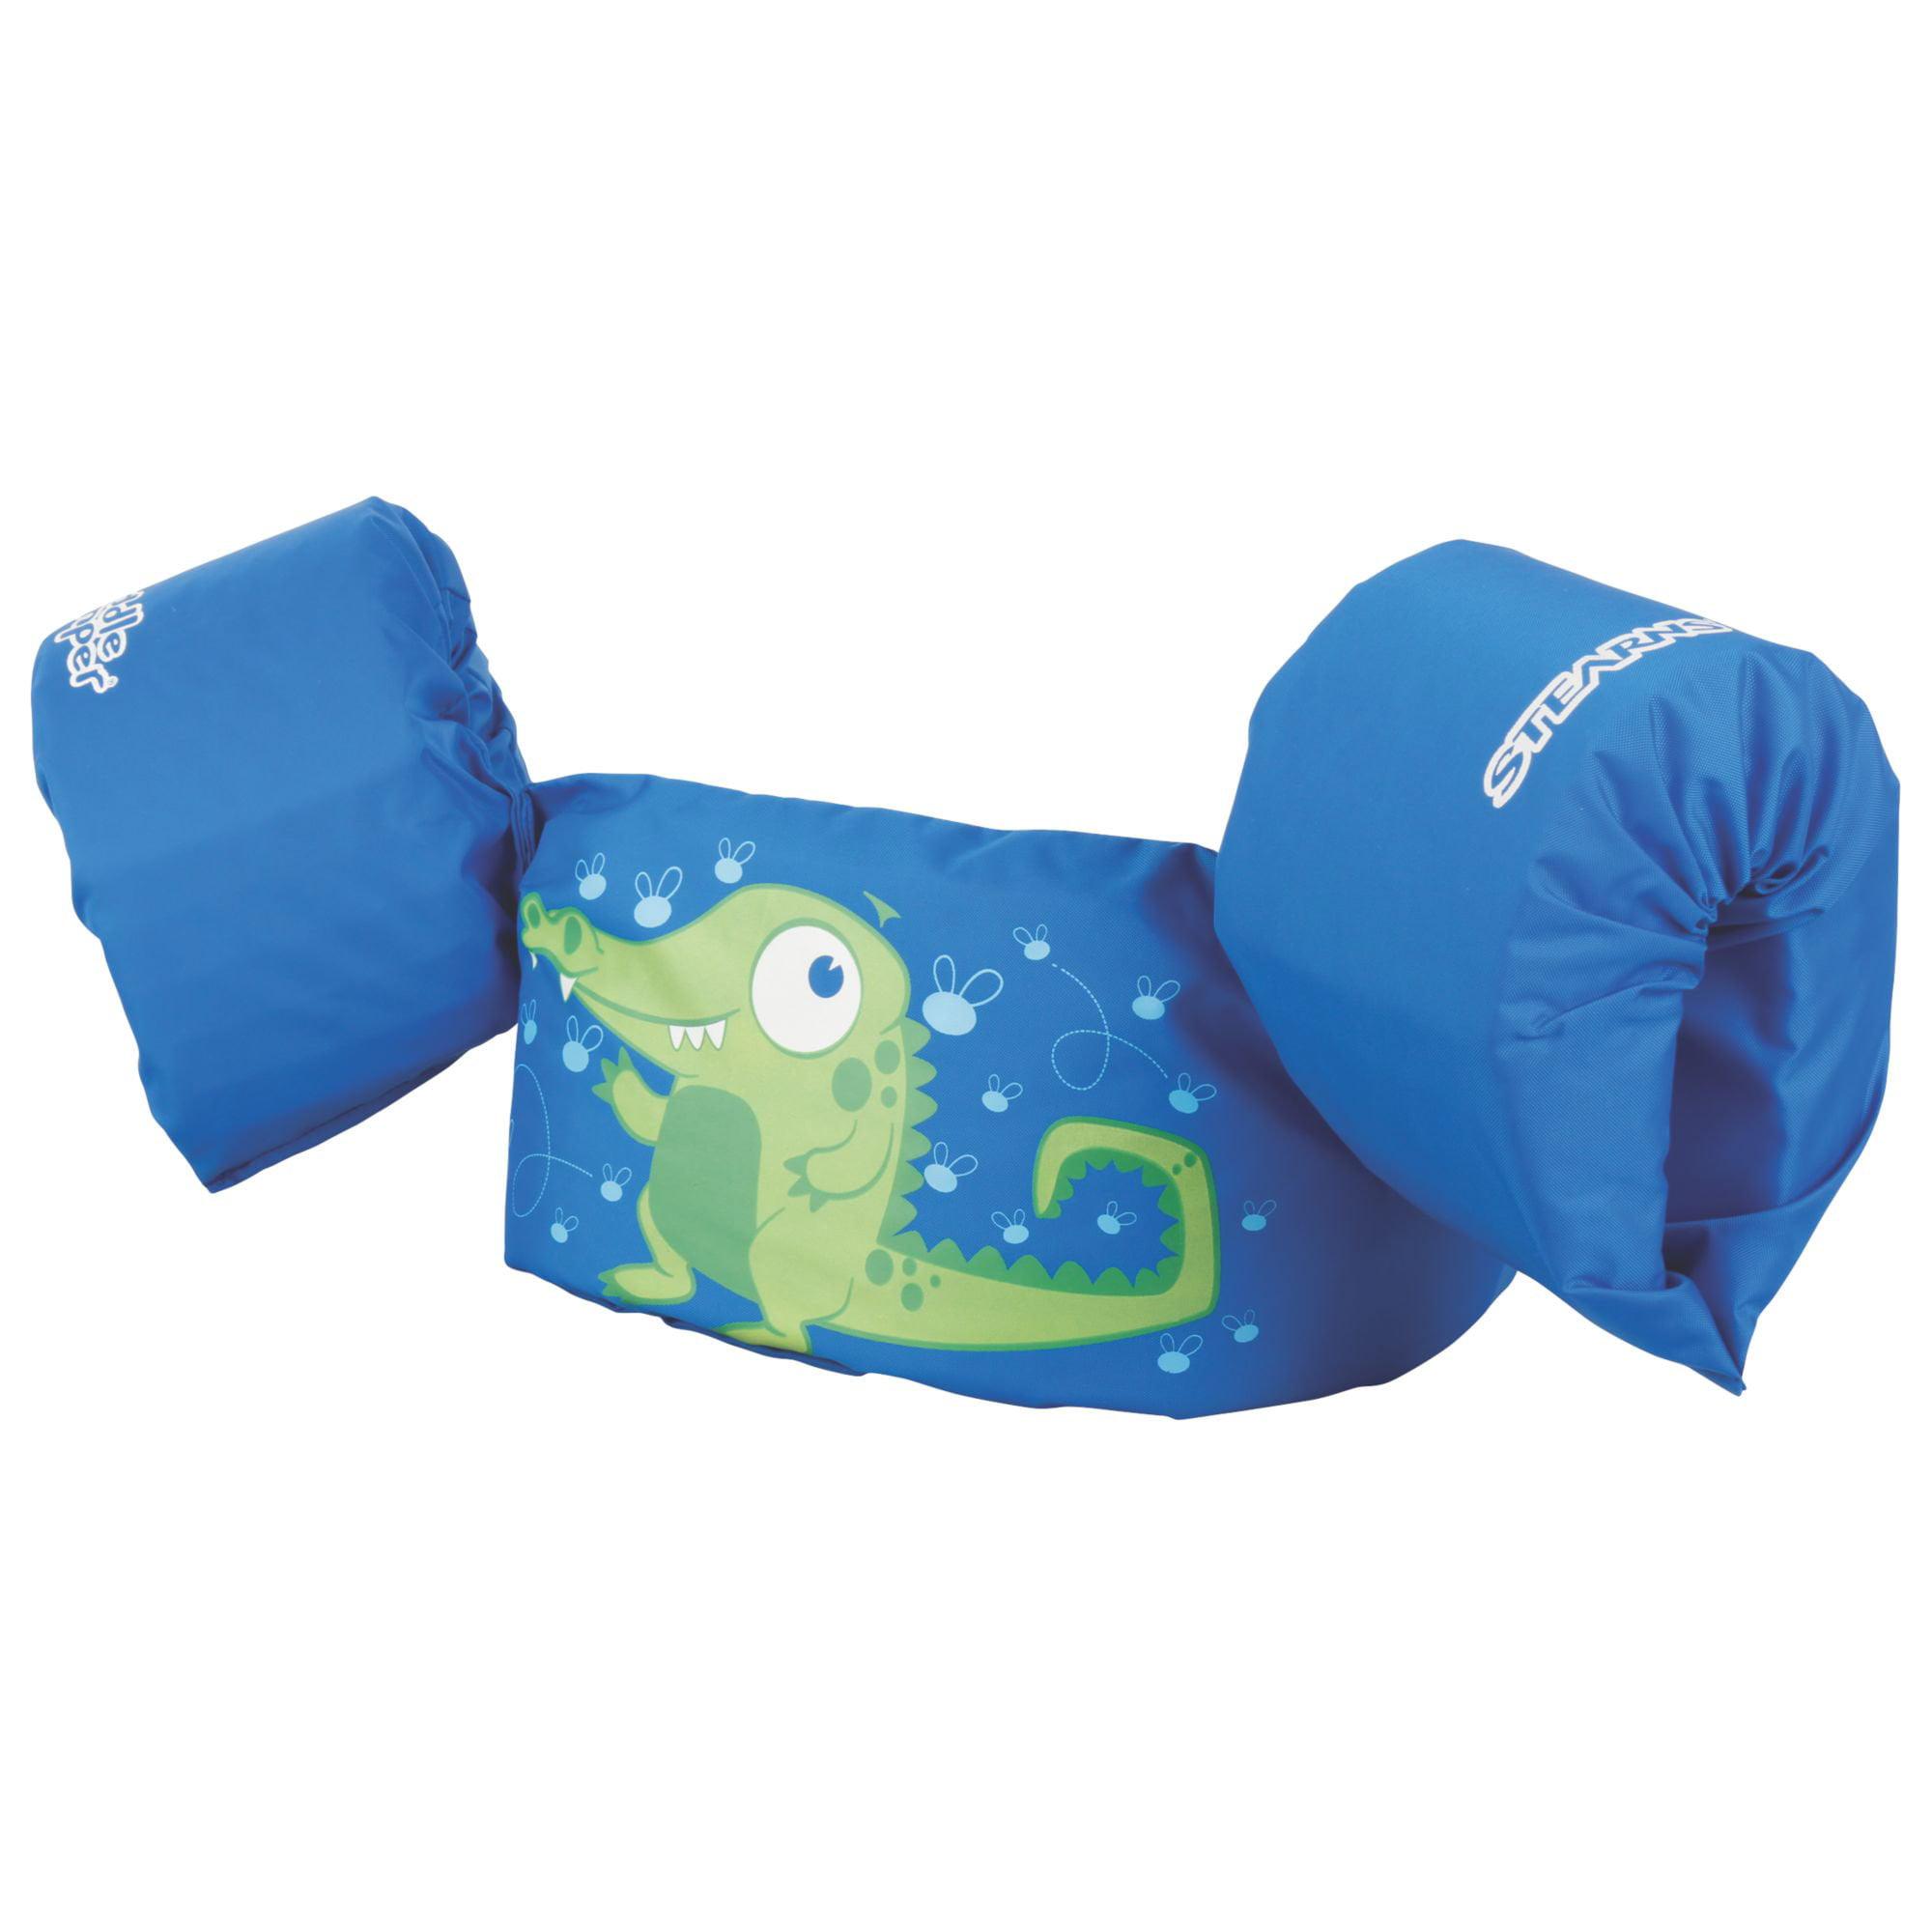 Stearns Puddle Jumper Child Life Jacket, Gator - Walmart.com